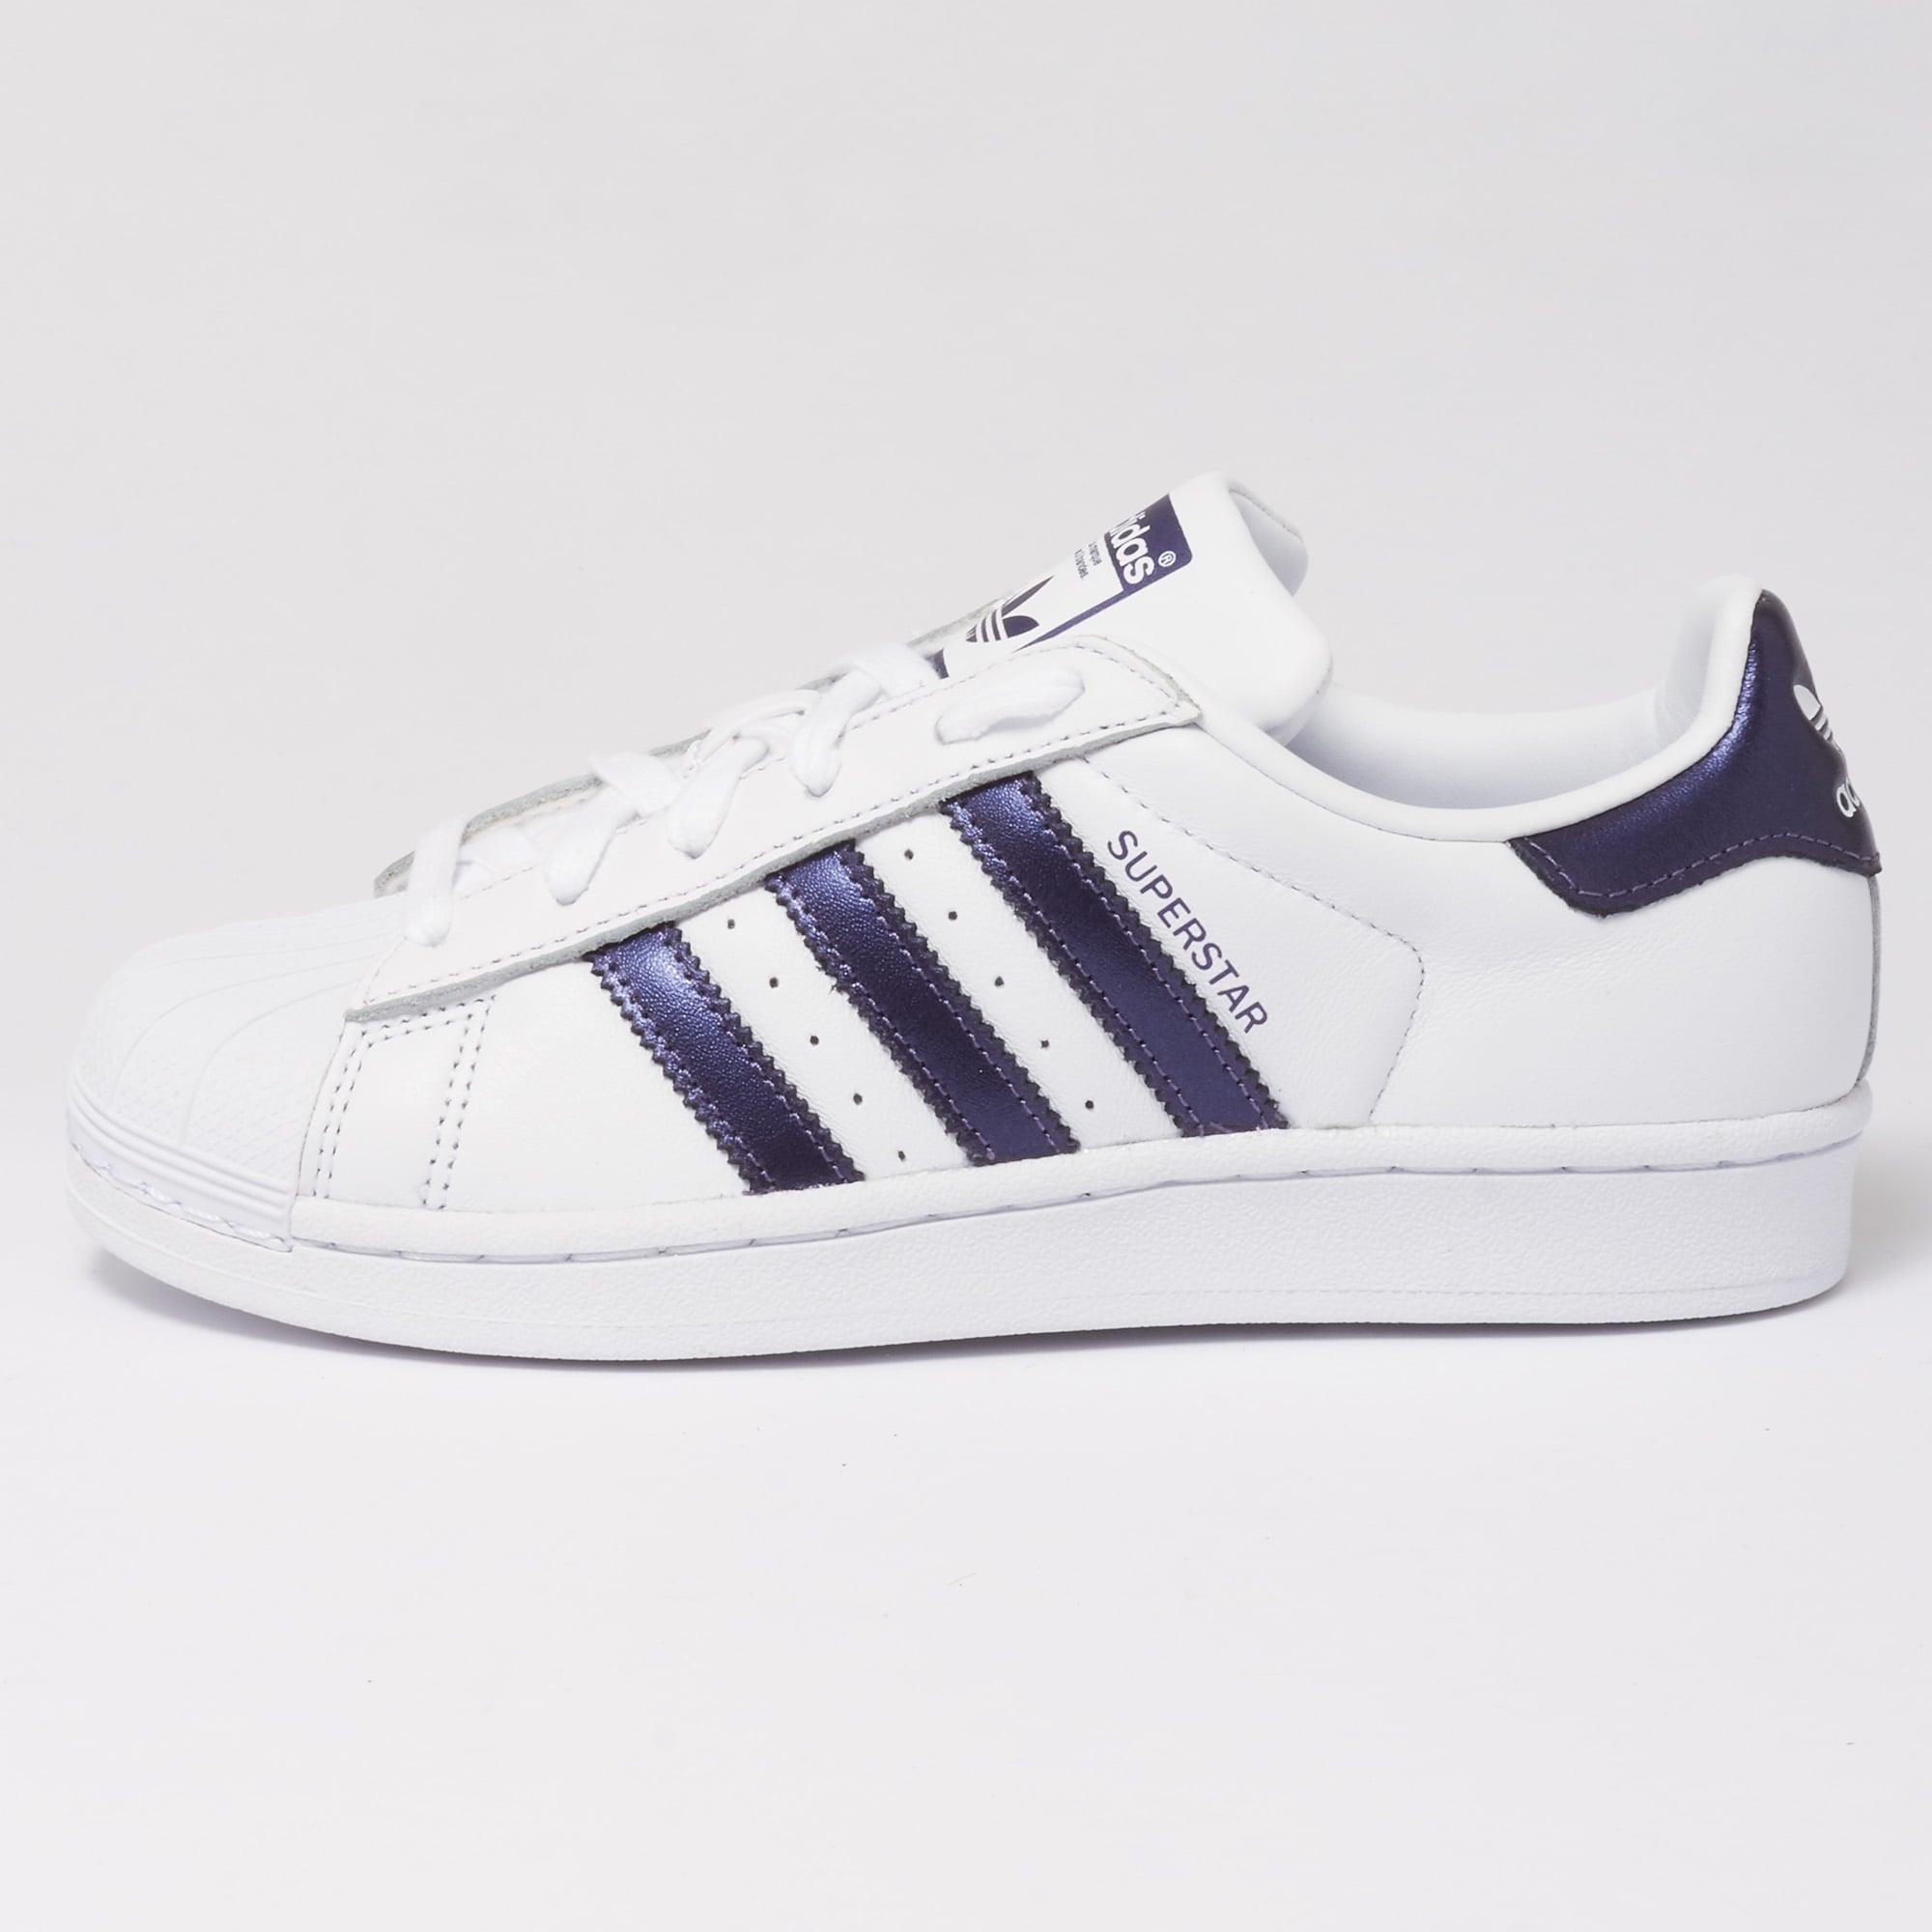 adidas superstar scarpe originali delle donne bianco e viola cg5464